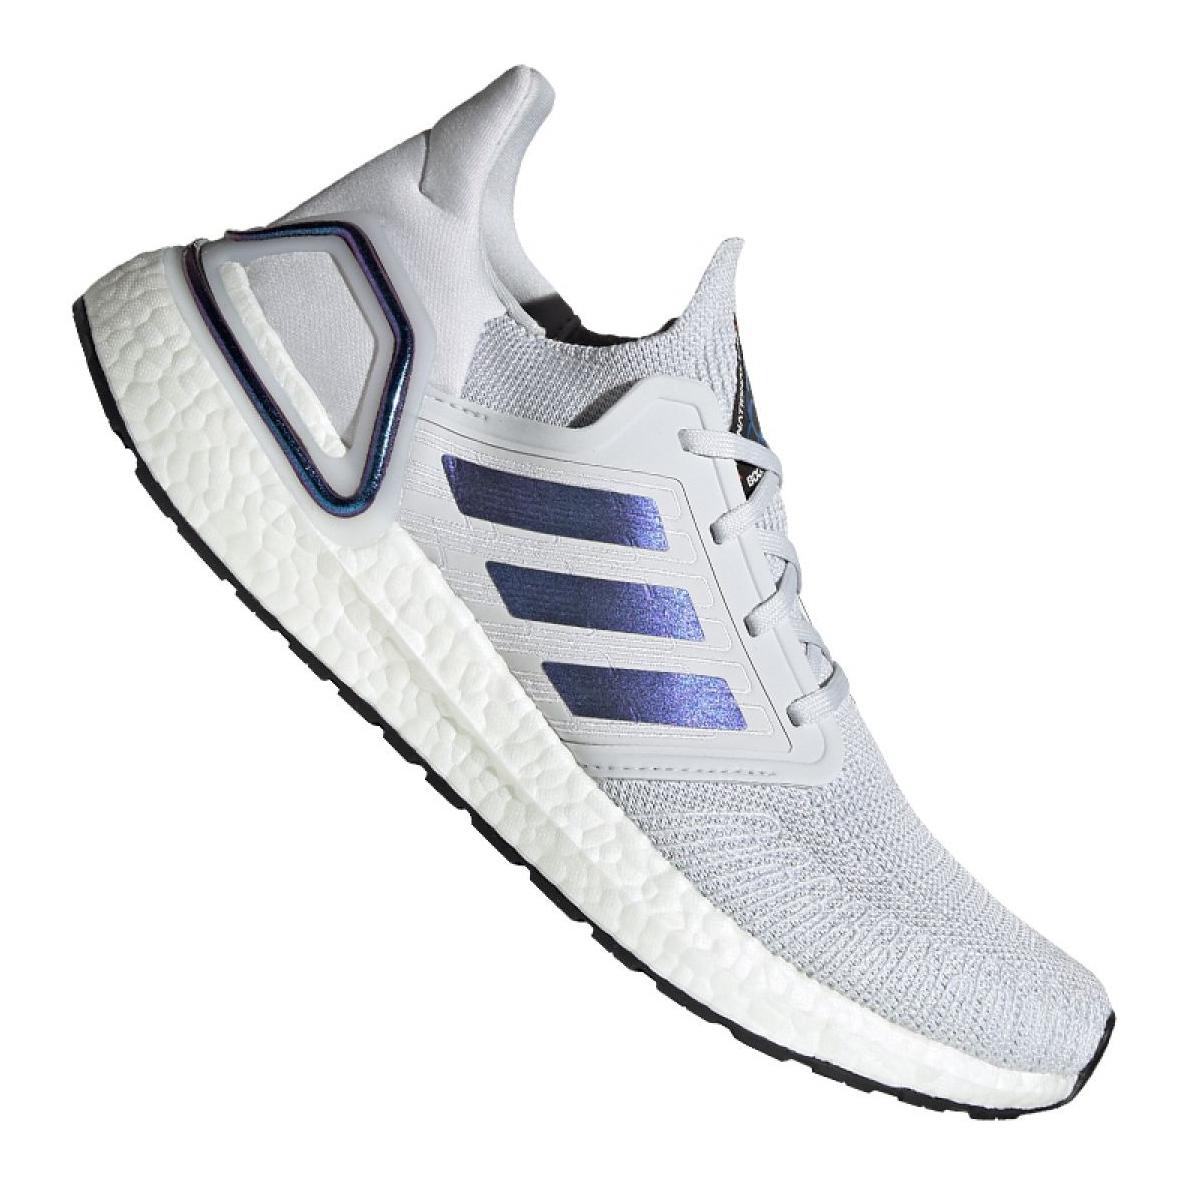 Adidas UltraBoost 20 M EG0695 skor grå